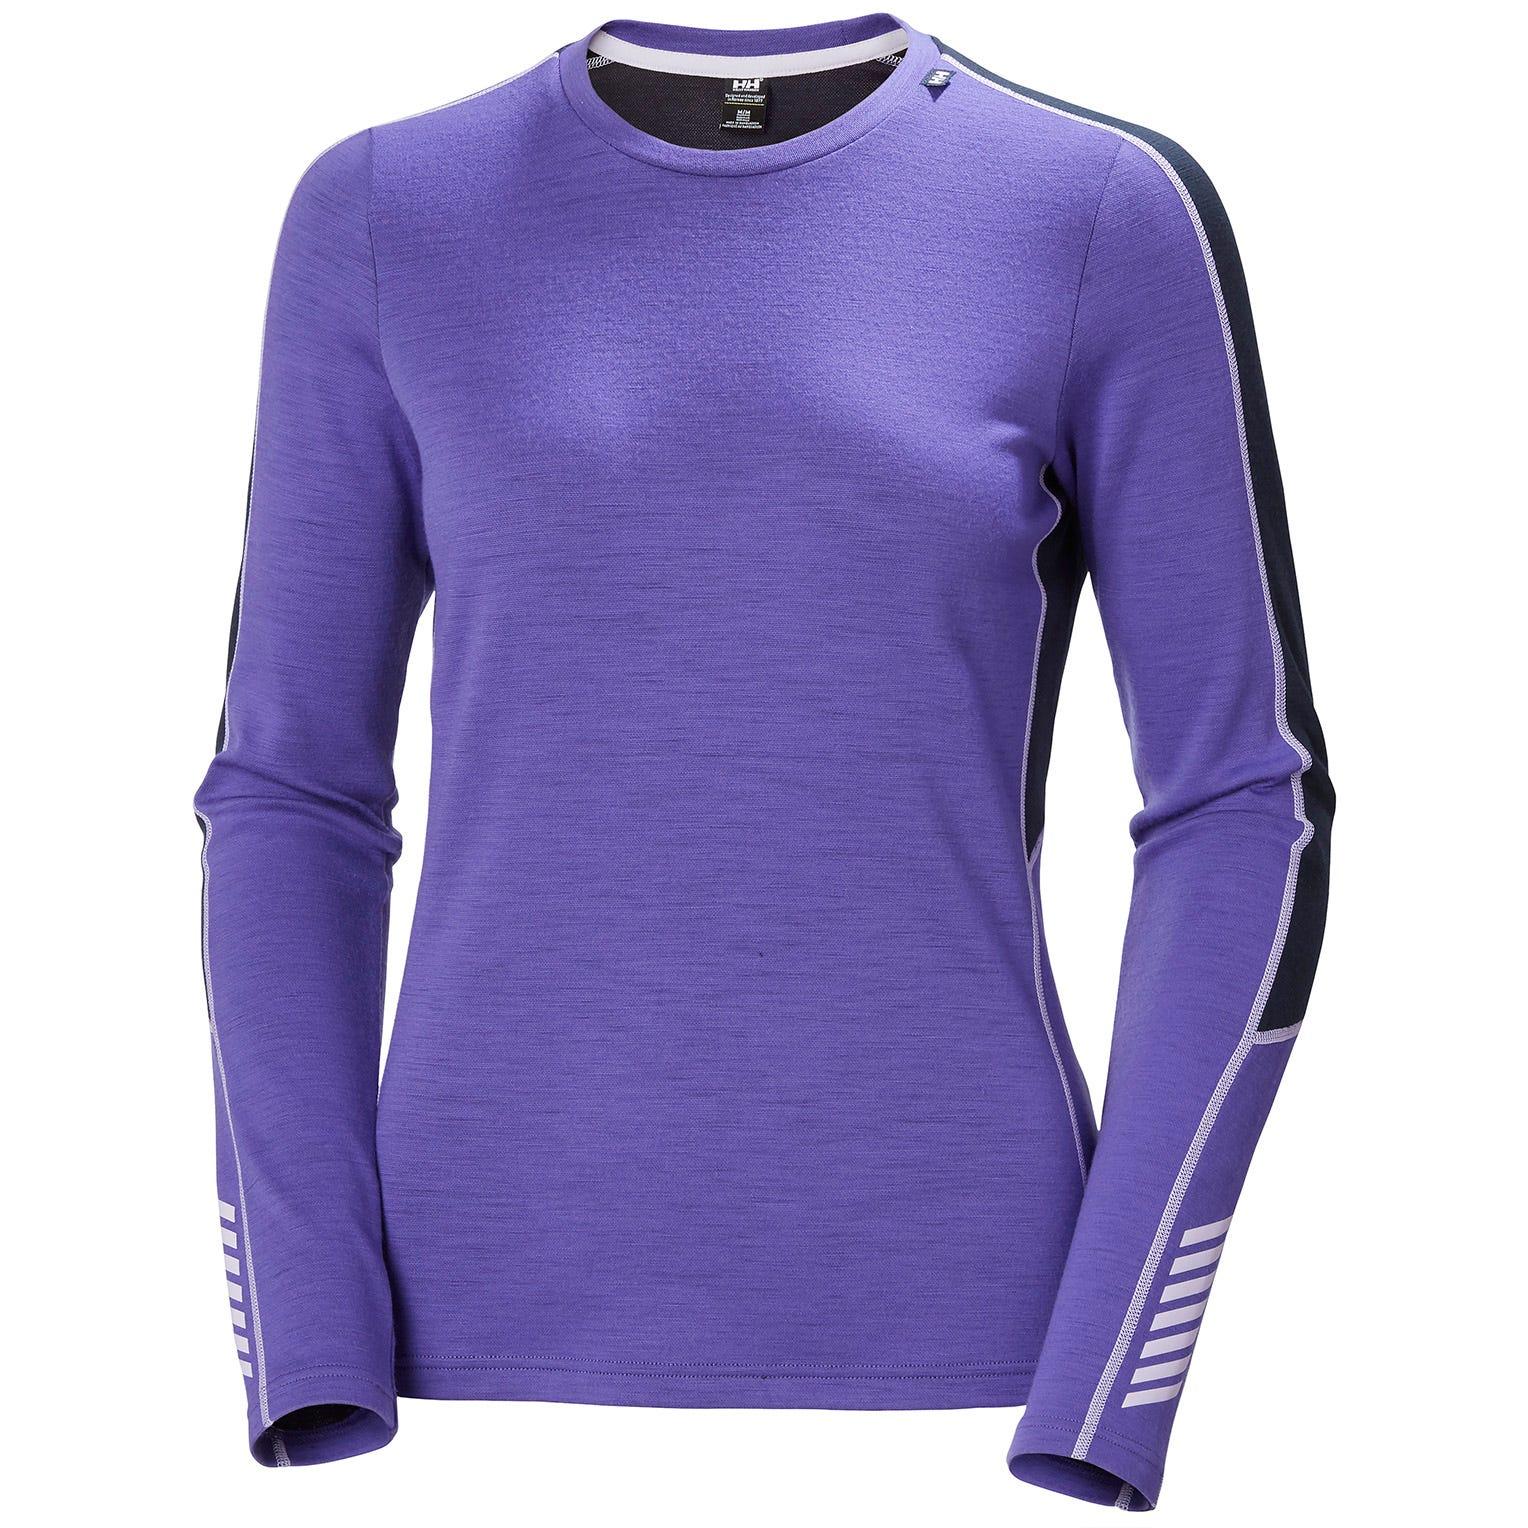 Helly Hansen Womens LIFA Merino Midweight Crew Ls T-Shirt